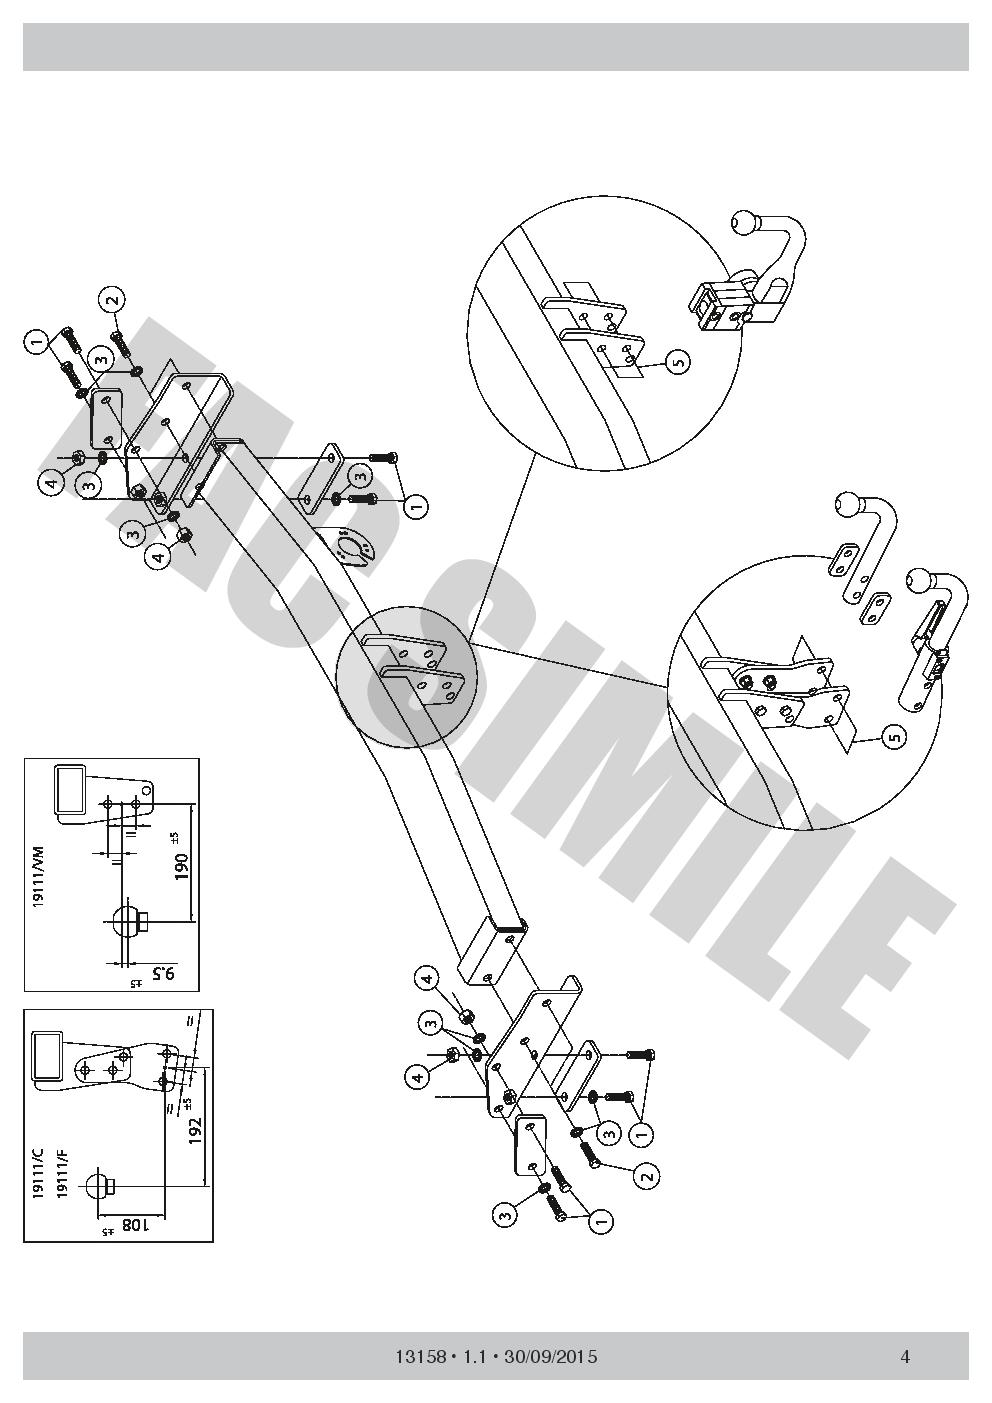 13p E-Satz Fiat Freemont AWD 11 AHK Abnehmbare Anhängerkupplung 131/_A2